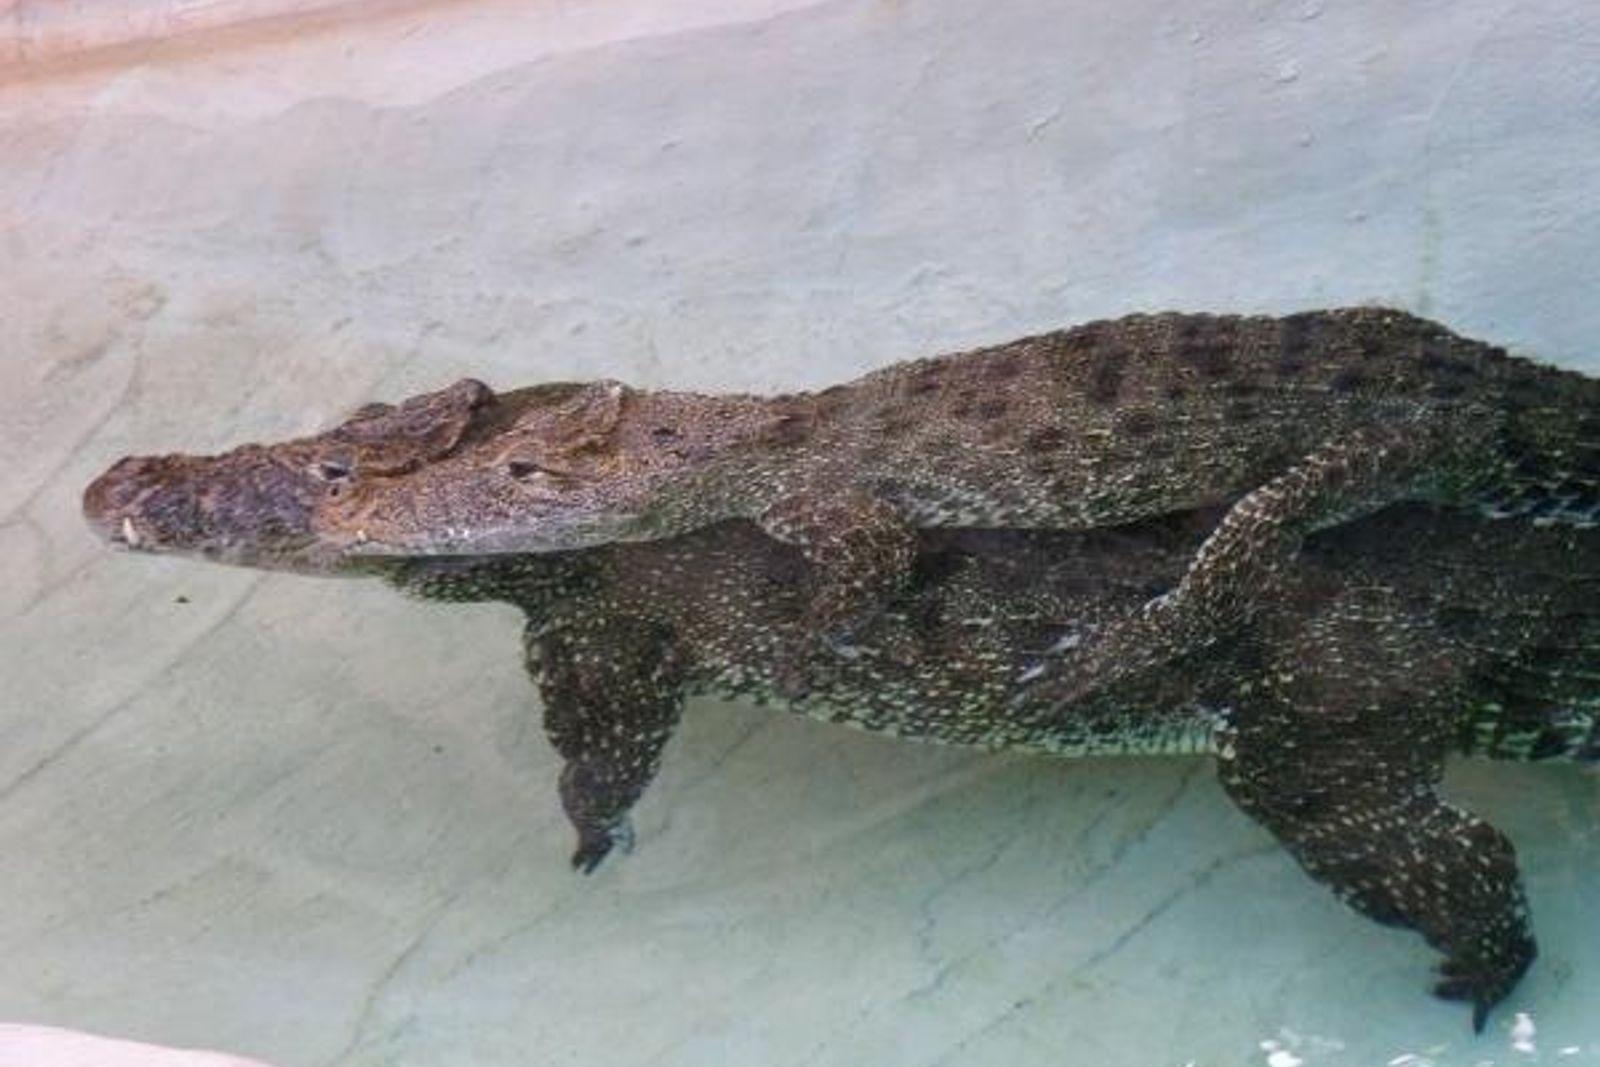 Un cocodrilo lleva a otro a su espalda